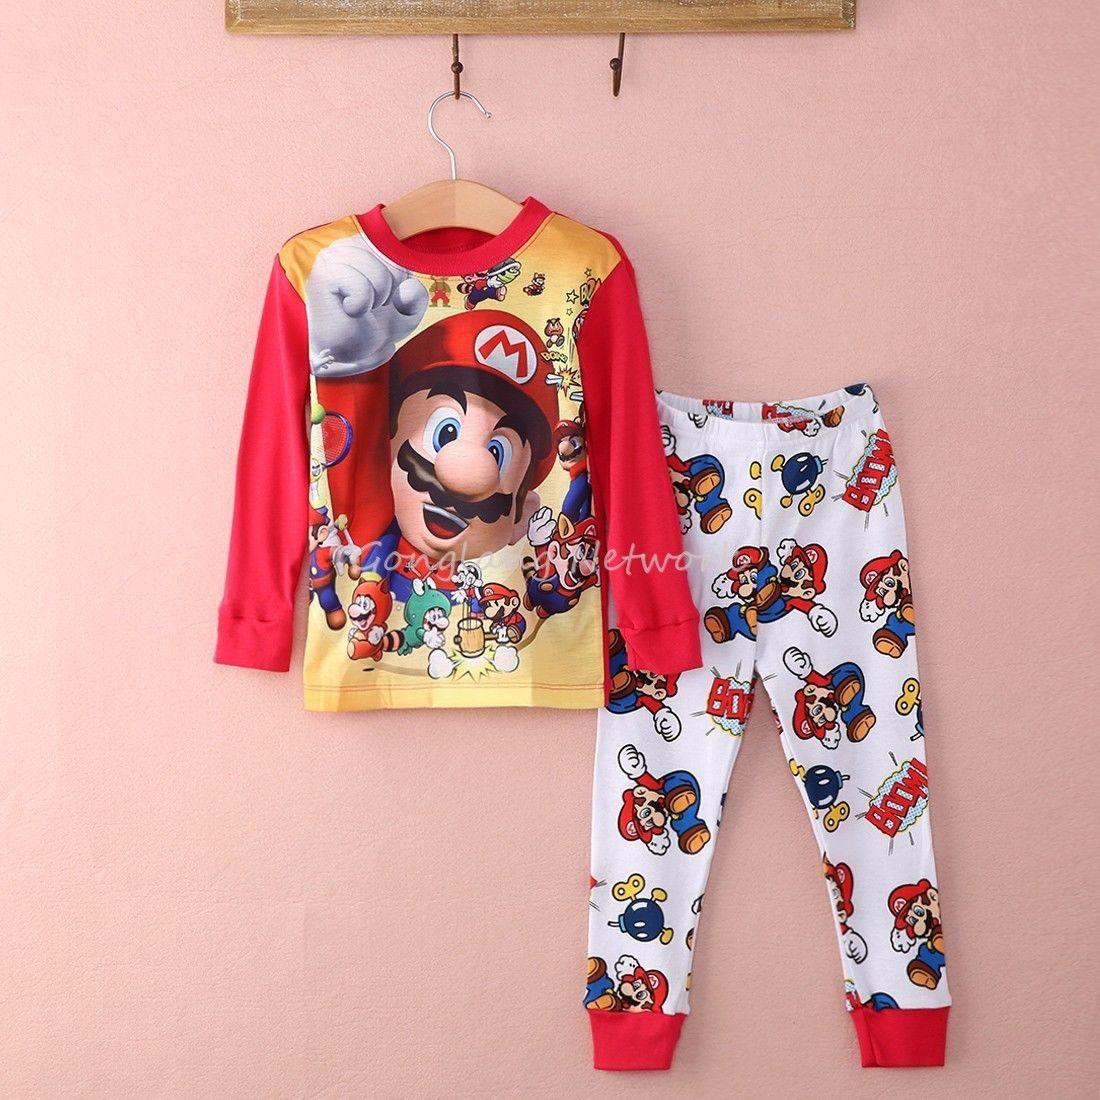 2015 Neue Super Mario Baby Kinder Mädchen Jungen Kleidung Sets Kinder Nachtwäsche Pyjamas Set Nachtwäsche Sui üBerlegene Materialien